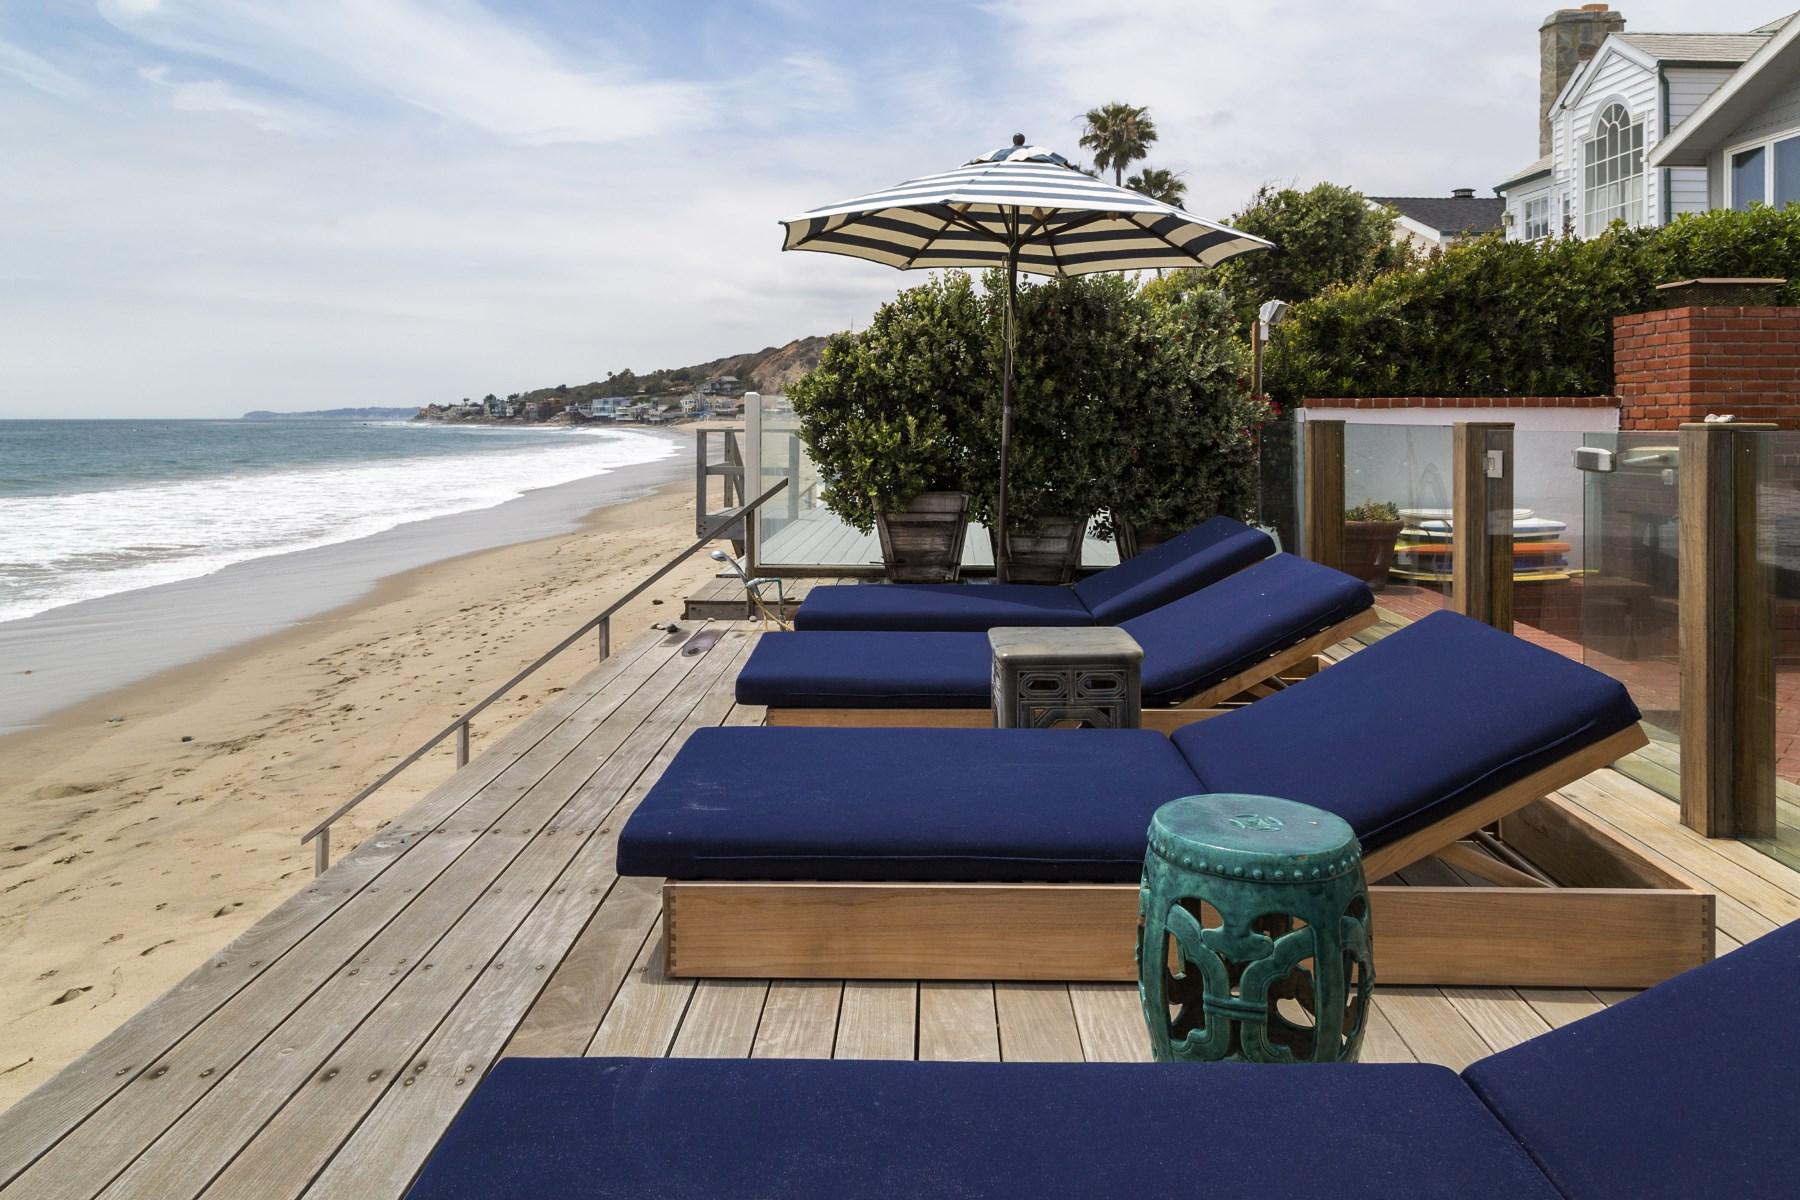 Частный односемейный дом для того Аренда на Malibu Colony Cottage 23664 Malibu Colony Rd Malibu, Калифорния, 90265 Соединенные Штаты